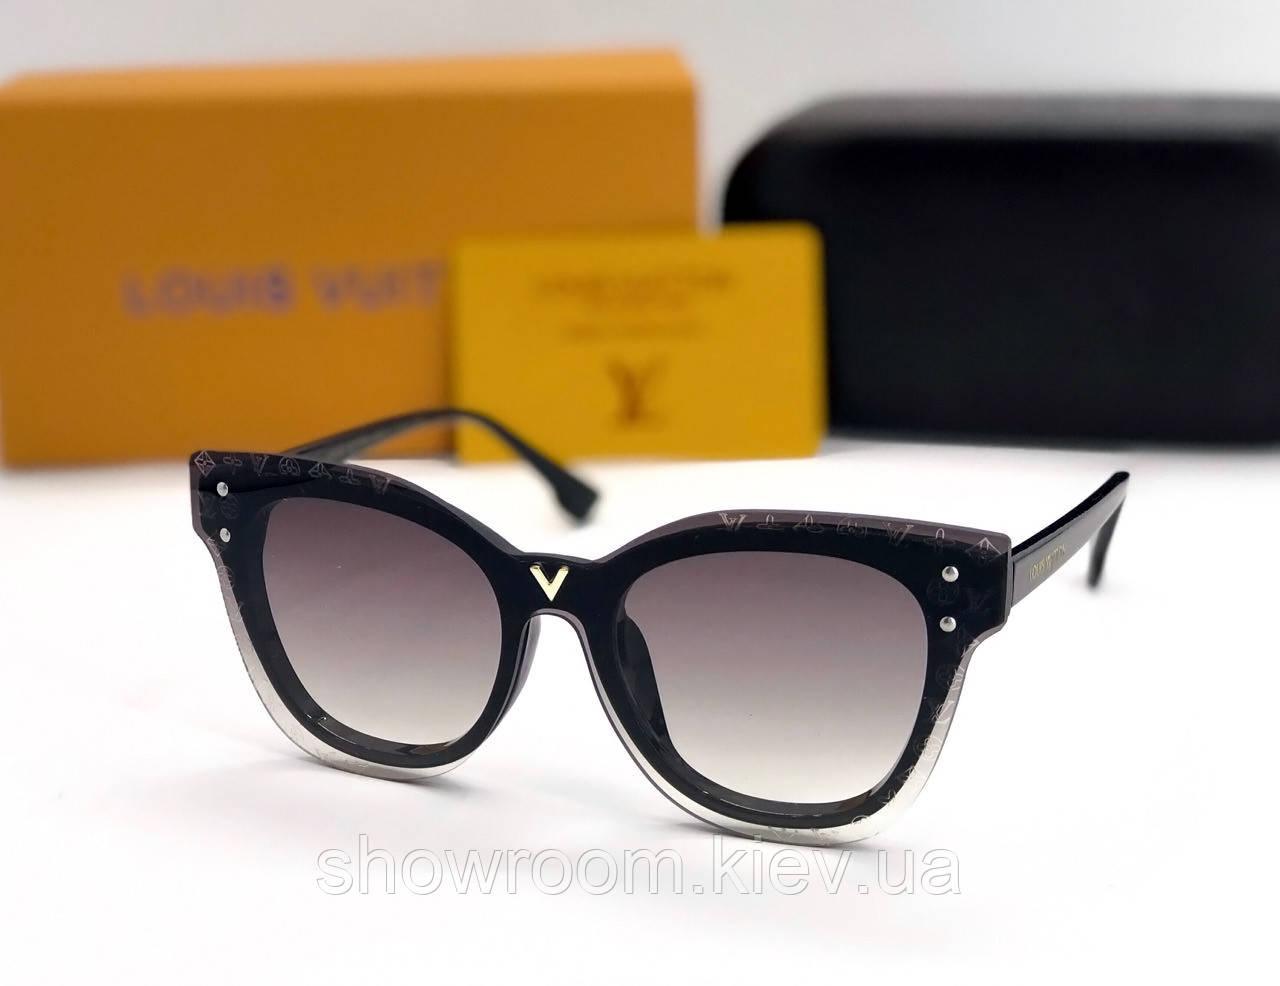 Женские солнцезащитные очки в стиле Louis Vuitton (234) black